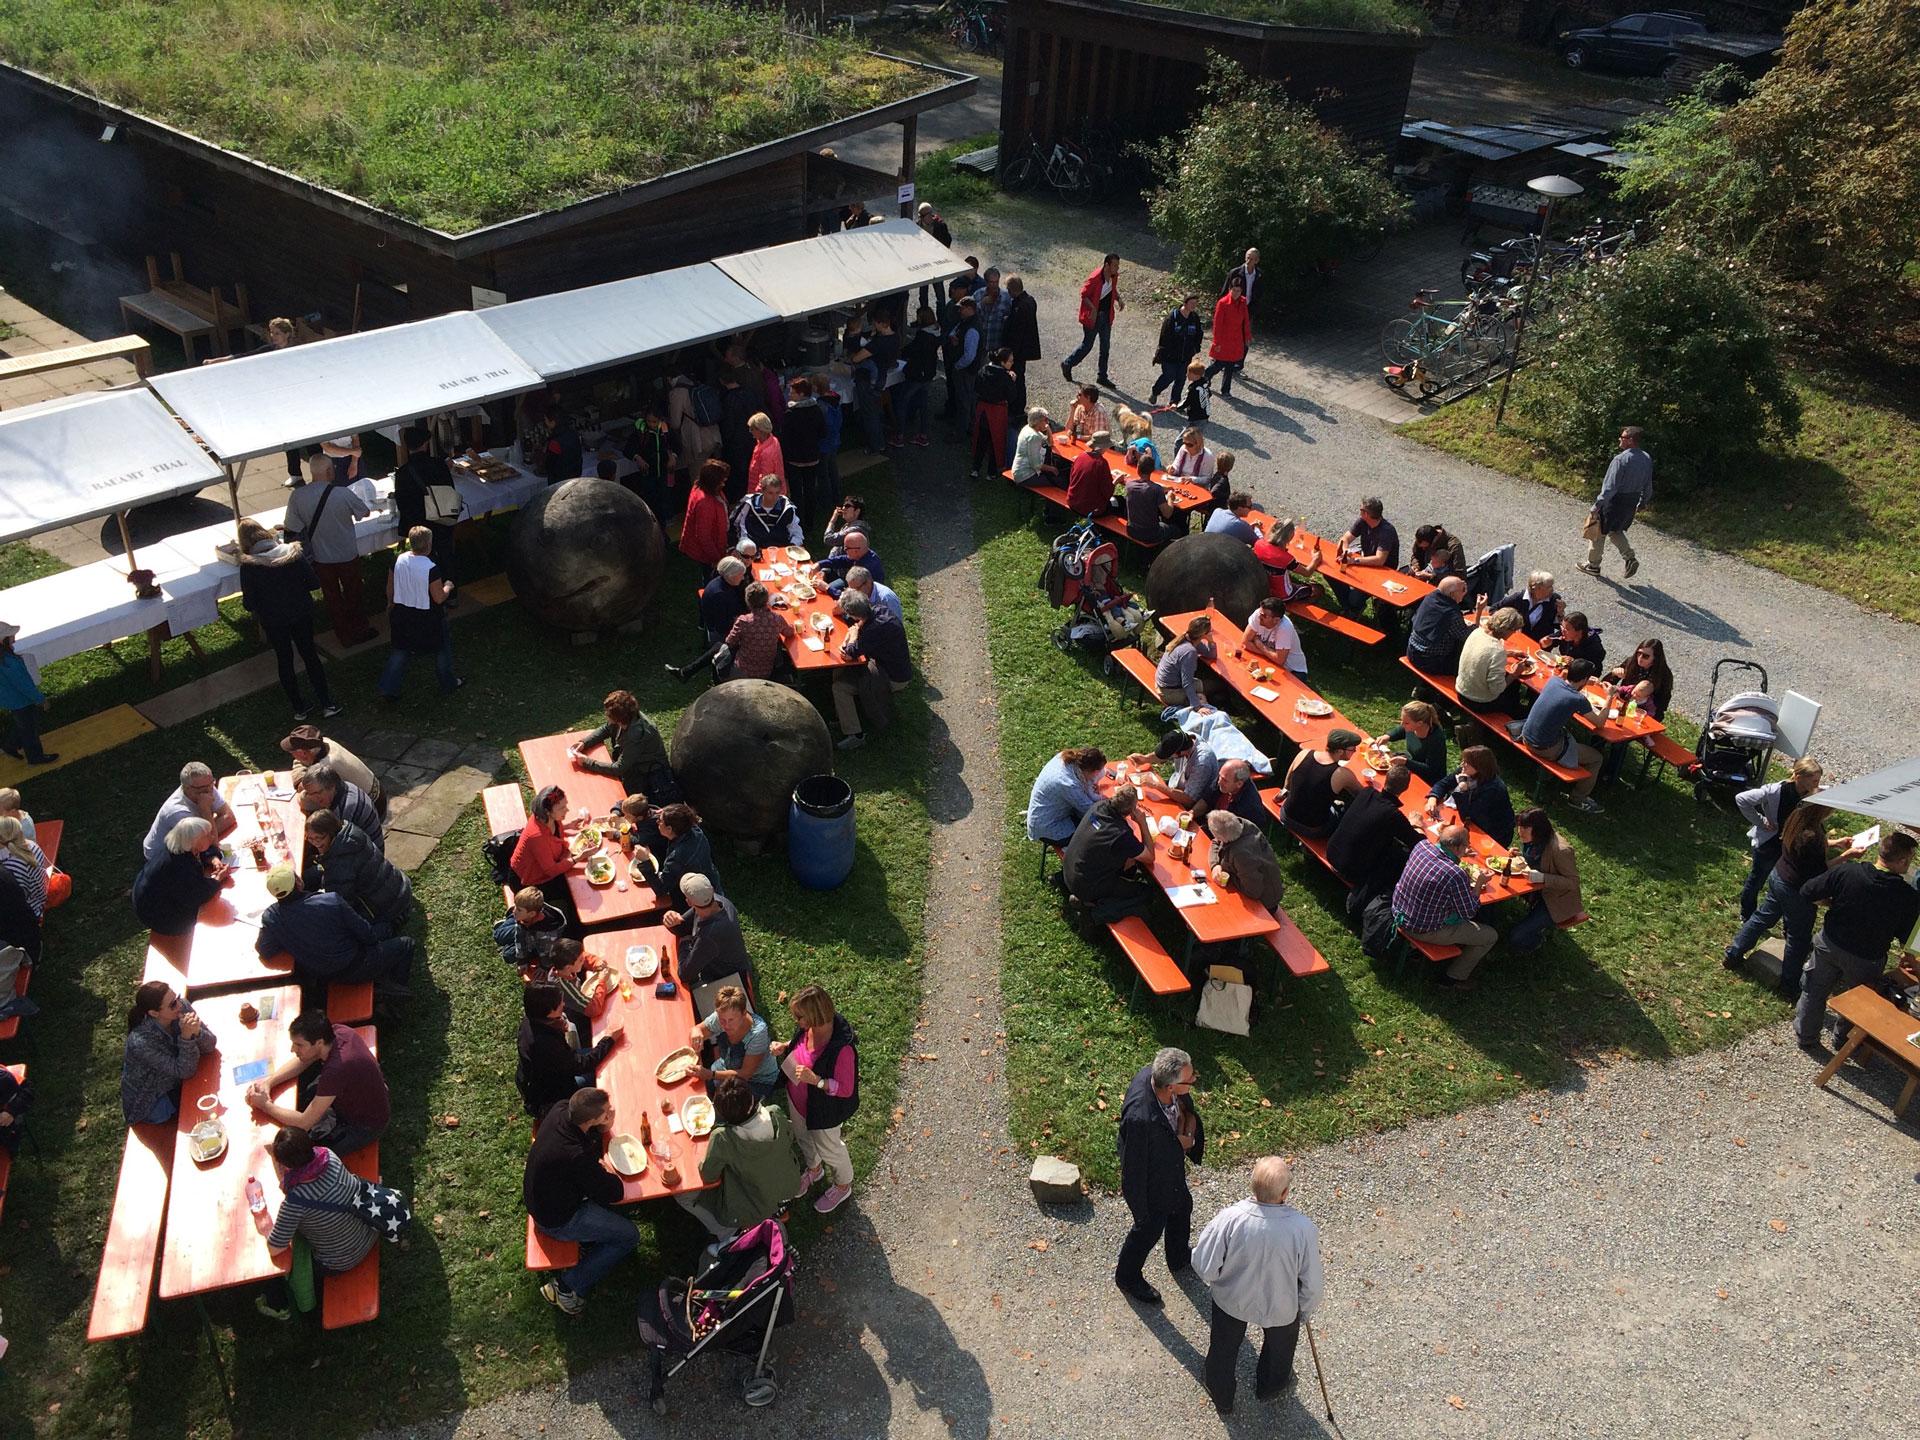 Wartegg_Herbstmarktfest18_01.jpg